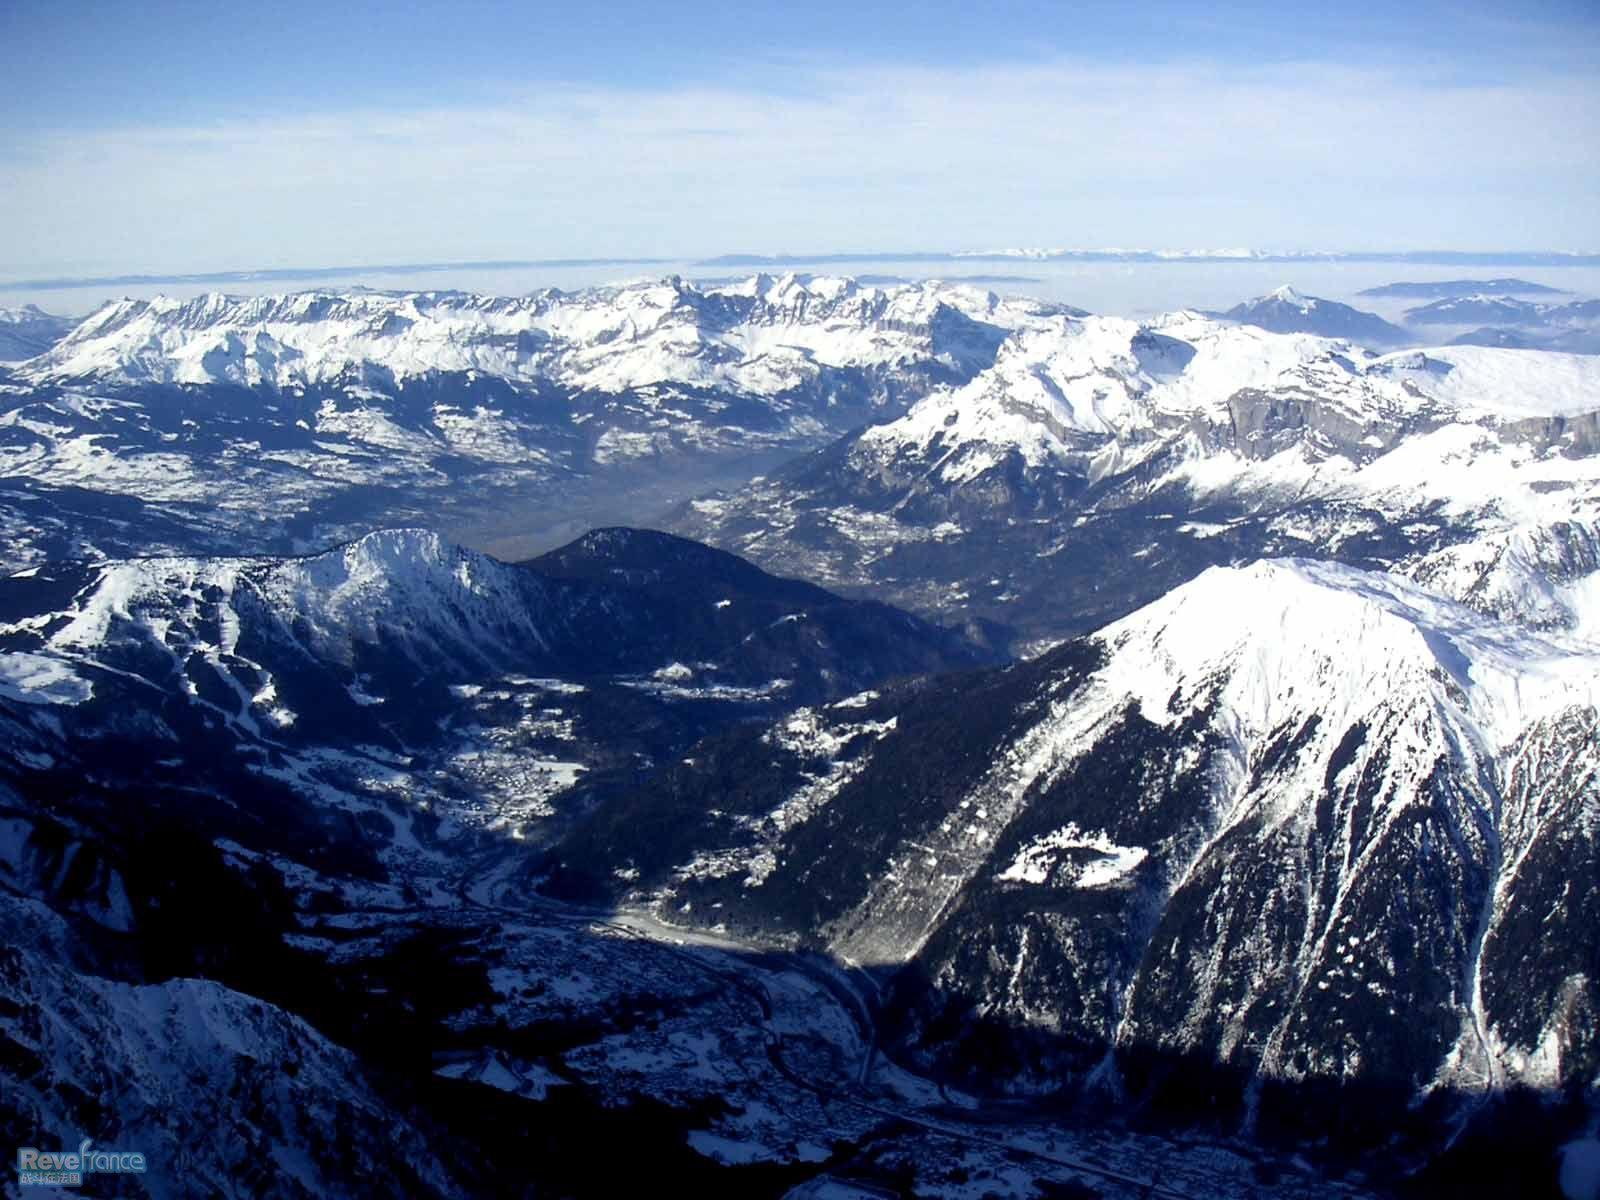 aiguille du midi 俯瞰群山